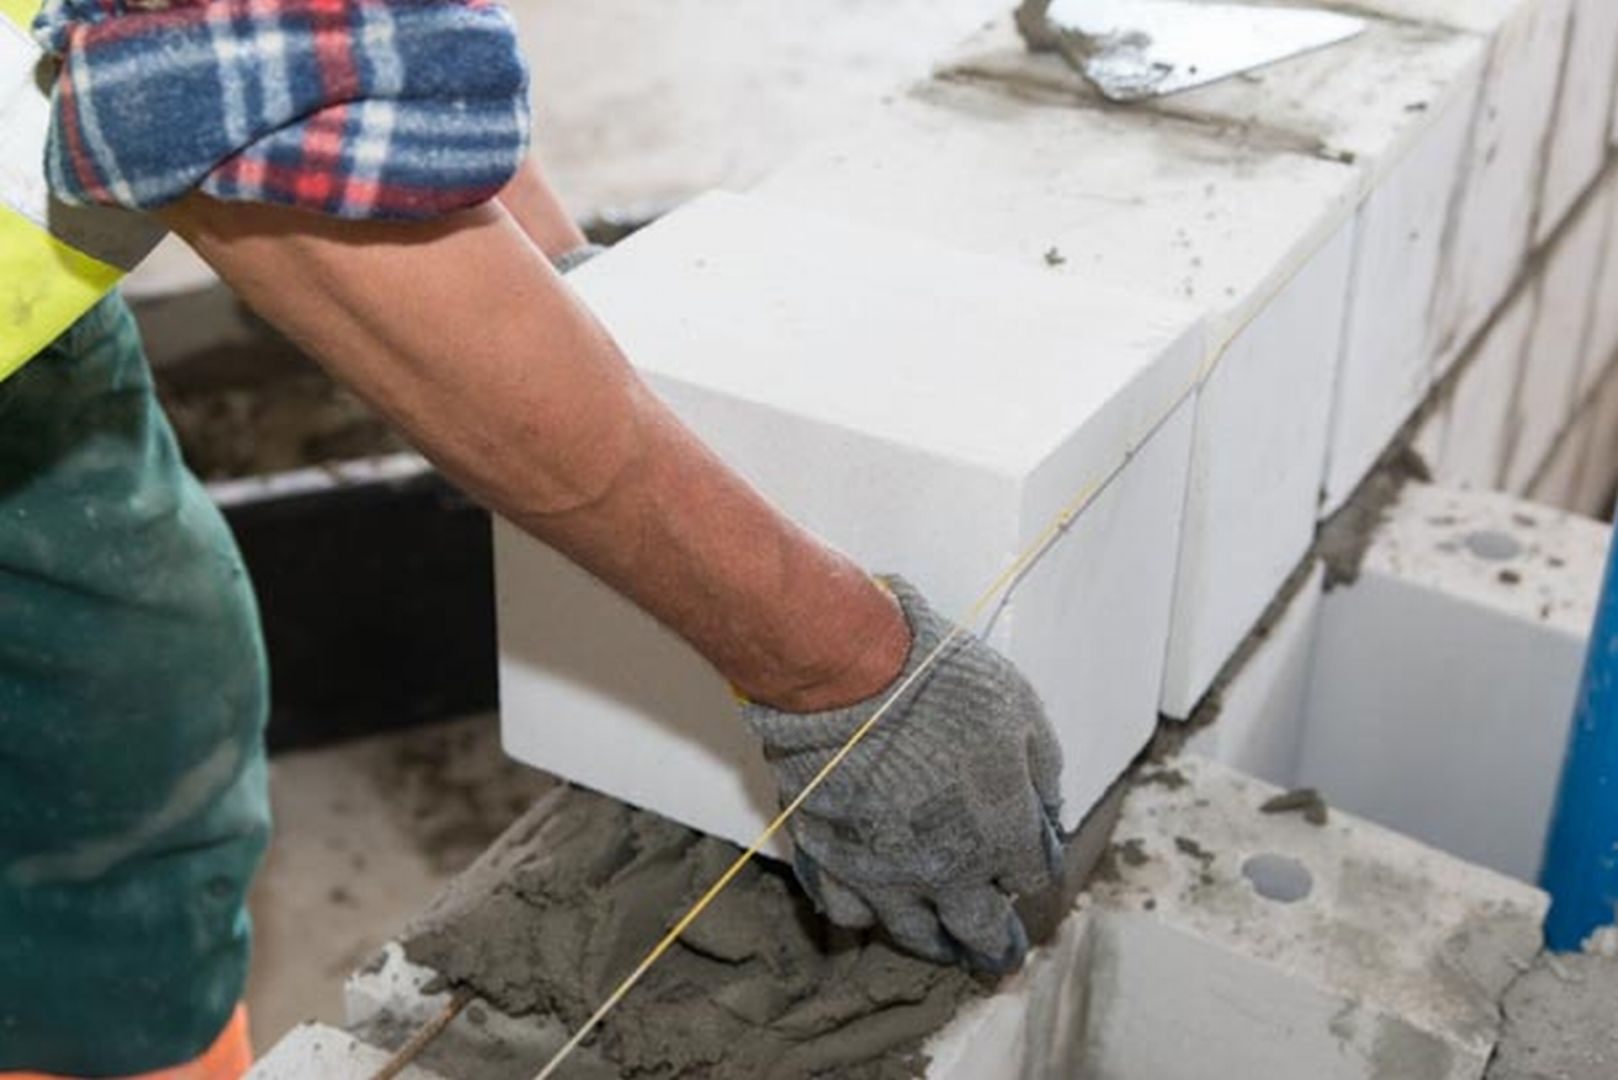 Przebywając w domu, jesteśmy narażeni na kilka głównych źródeł hałasu. Są to dźwięki powietrzne i uderzeniowe, przenikające do wnętrz z innych pomieszczeń poprzez przegrody wewnętrzne (ściany, stropy), hałas dobiegający spoza budynku oraz ten pochodzący od instalacji i urządzeń stanowiących jego wyposażenie techniczne. Fot. Stowarzyszenie